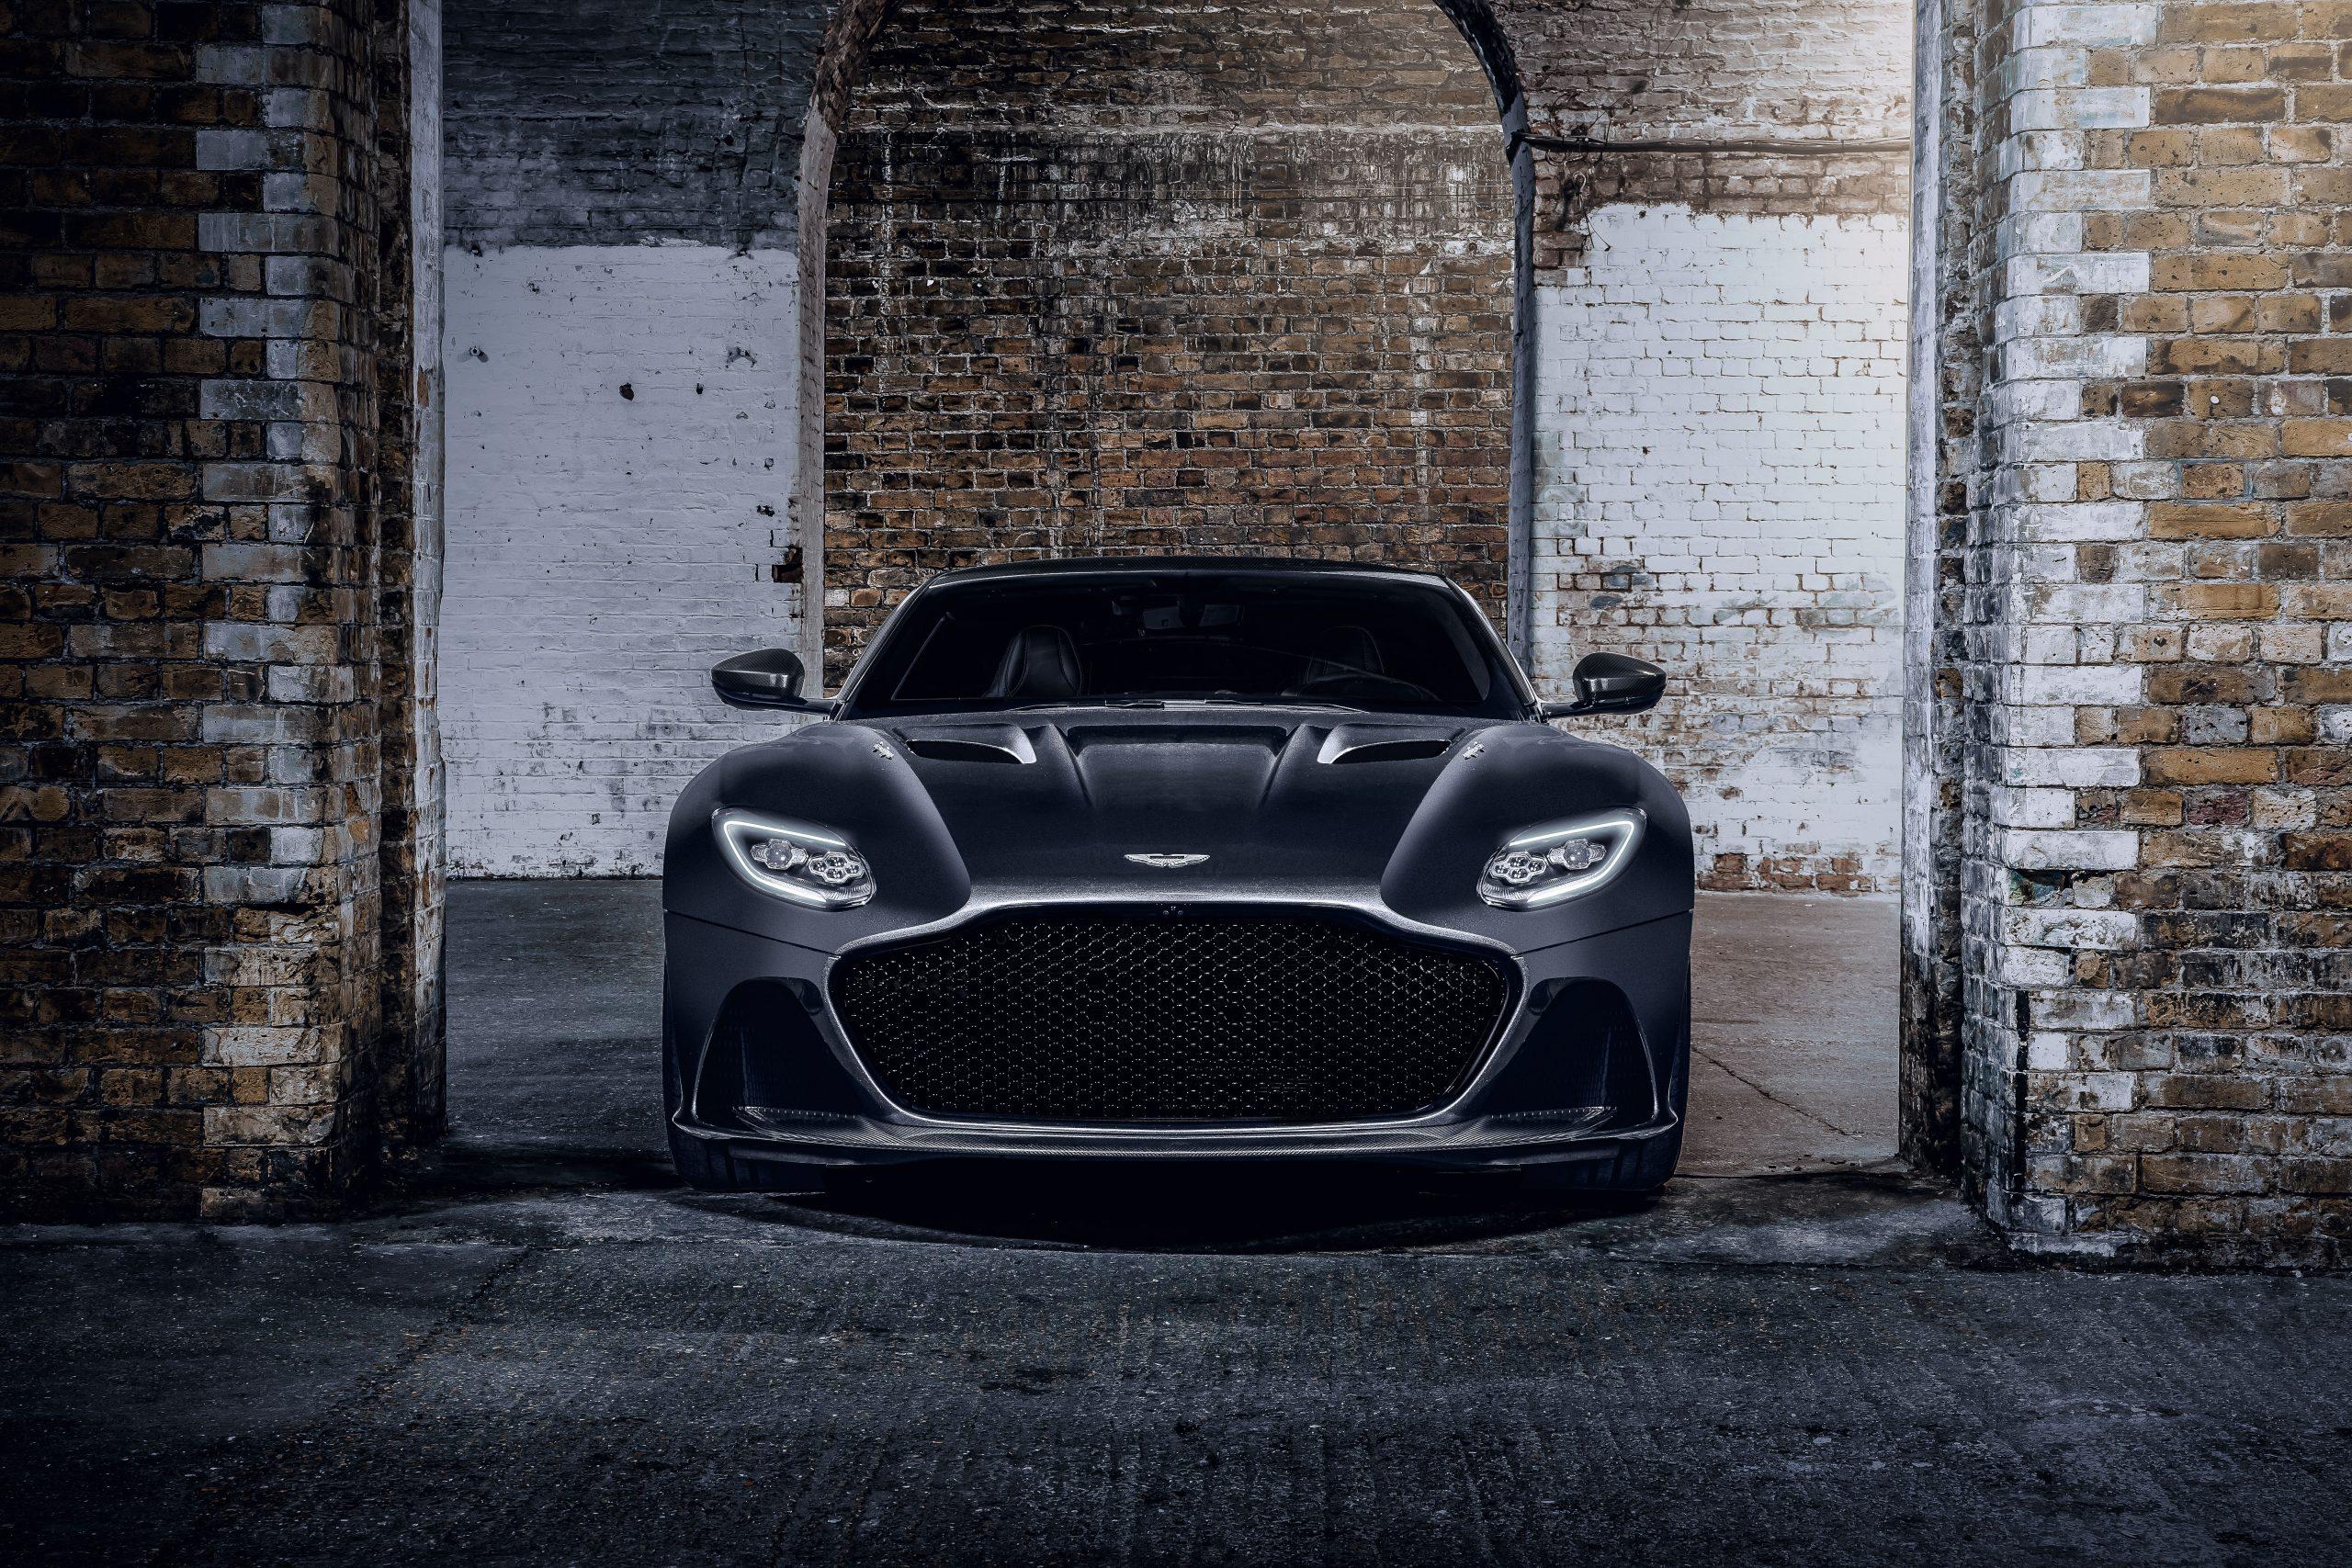 Aston Martin Vantage 007 Edition front